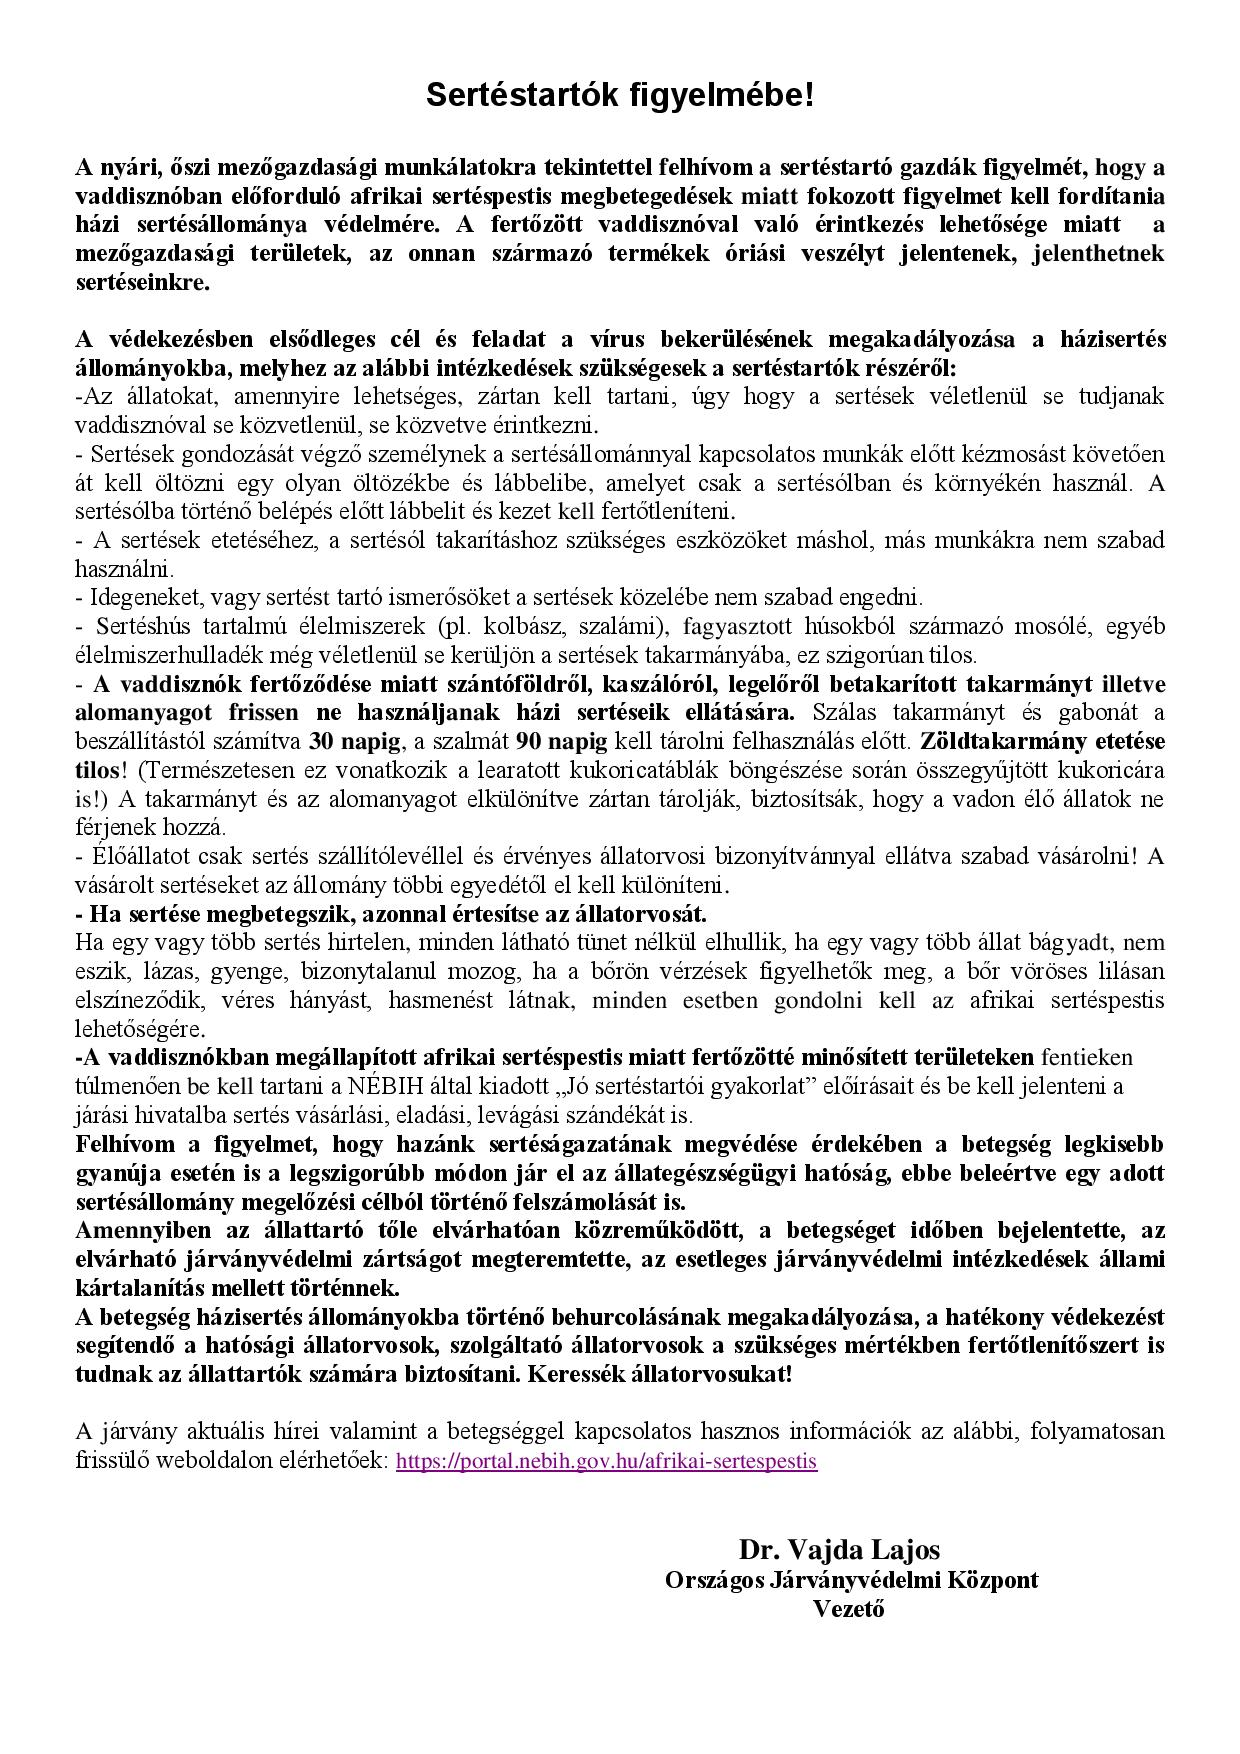 Afrikai sertéspestis hirdetmény 2019_VL-page-001